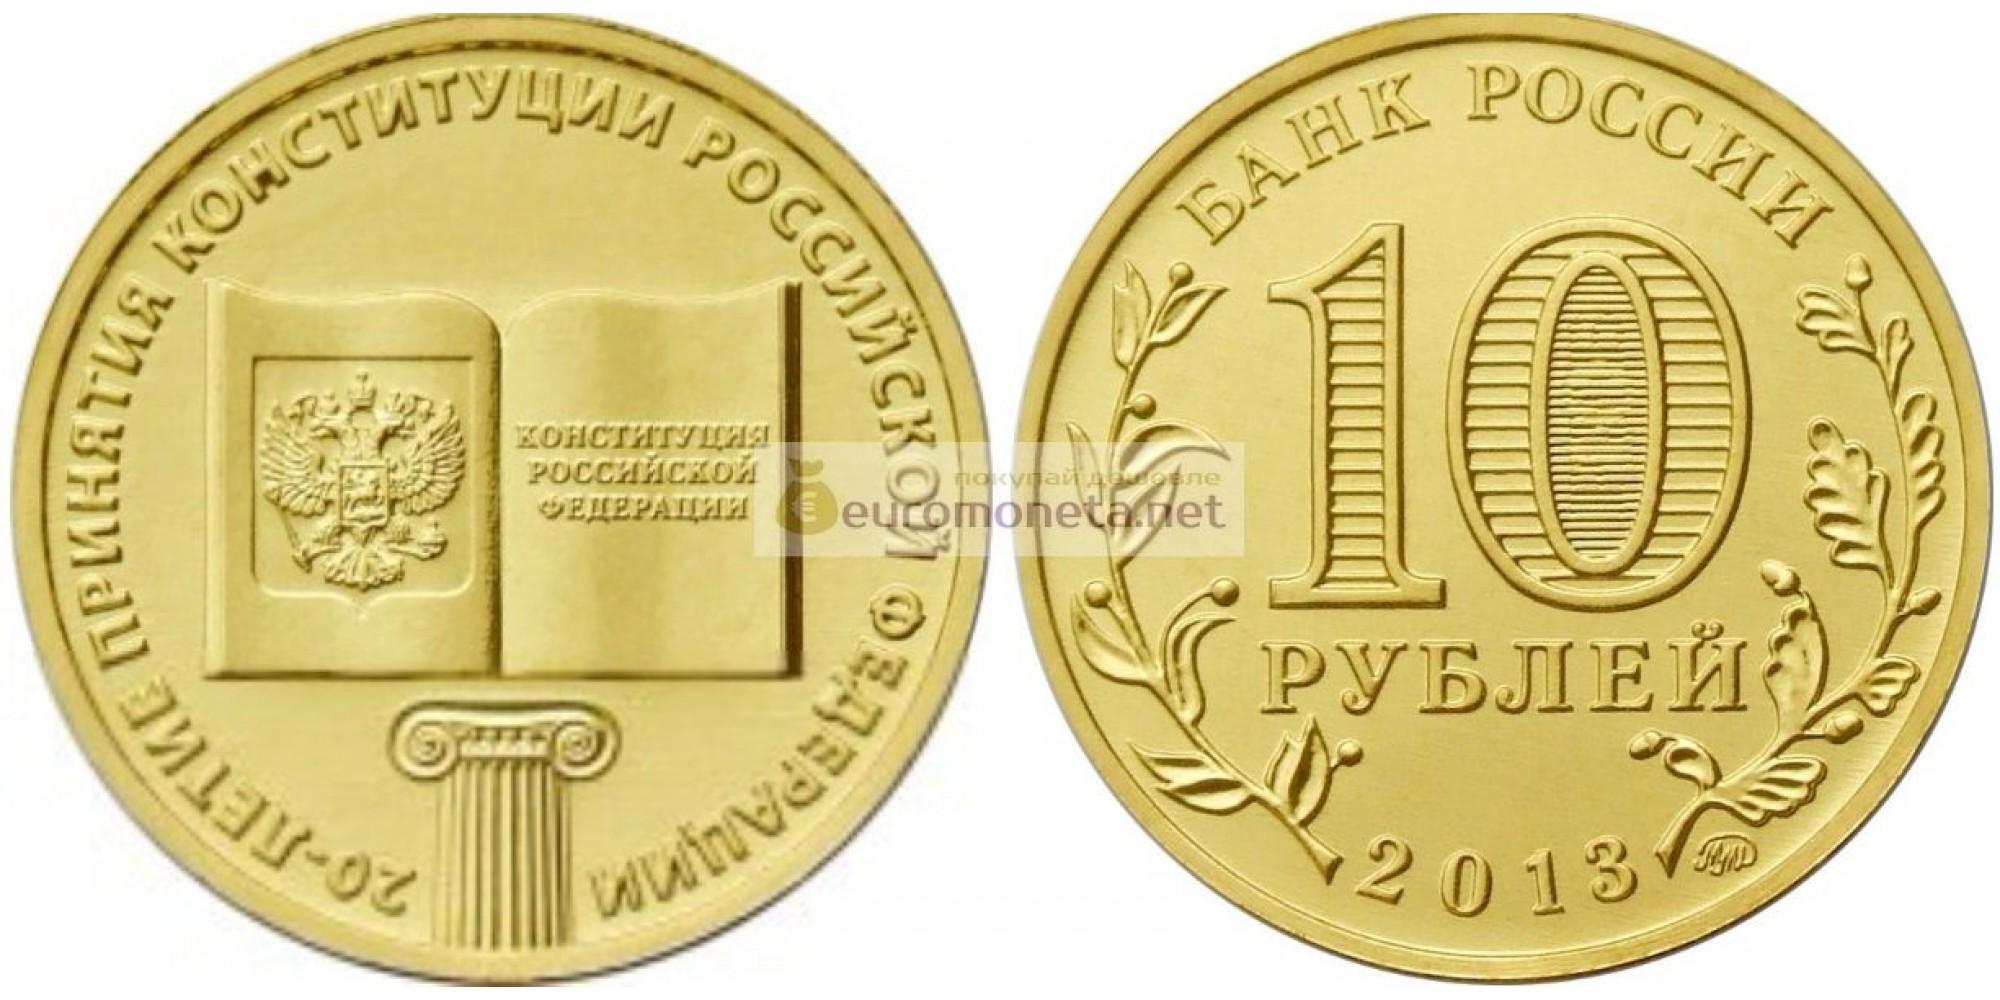 Россия 10 рублей 2013 серия: 20-летие принятия Конституции Российской Федерации, АЦ из банковского мешка